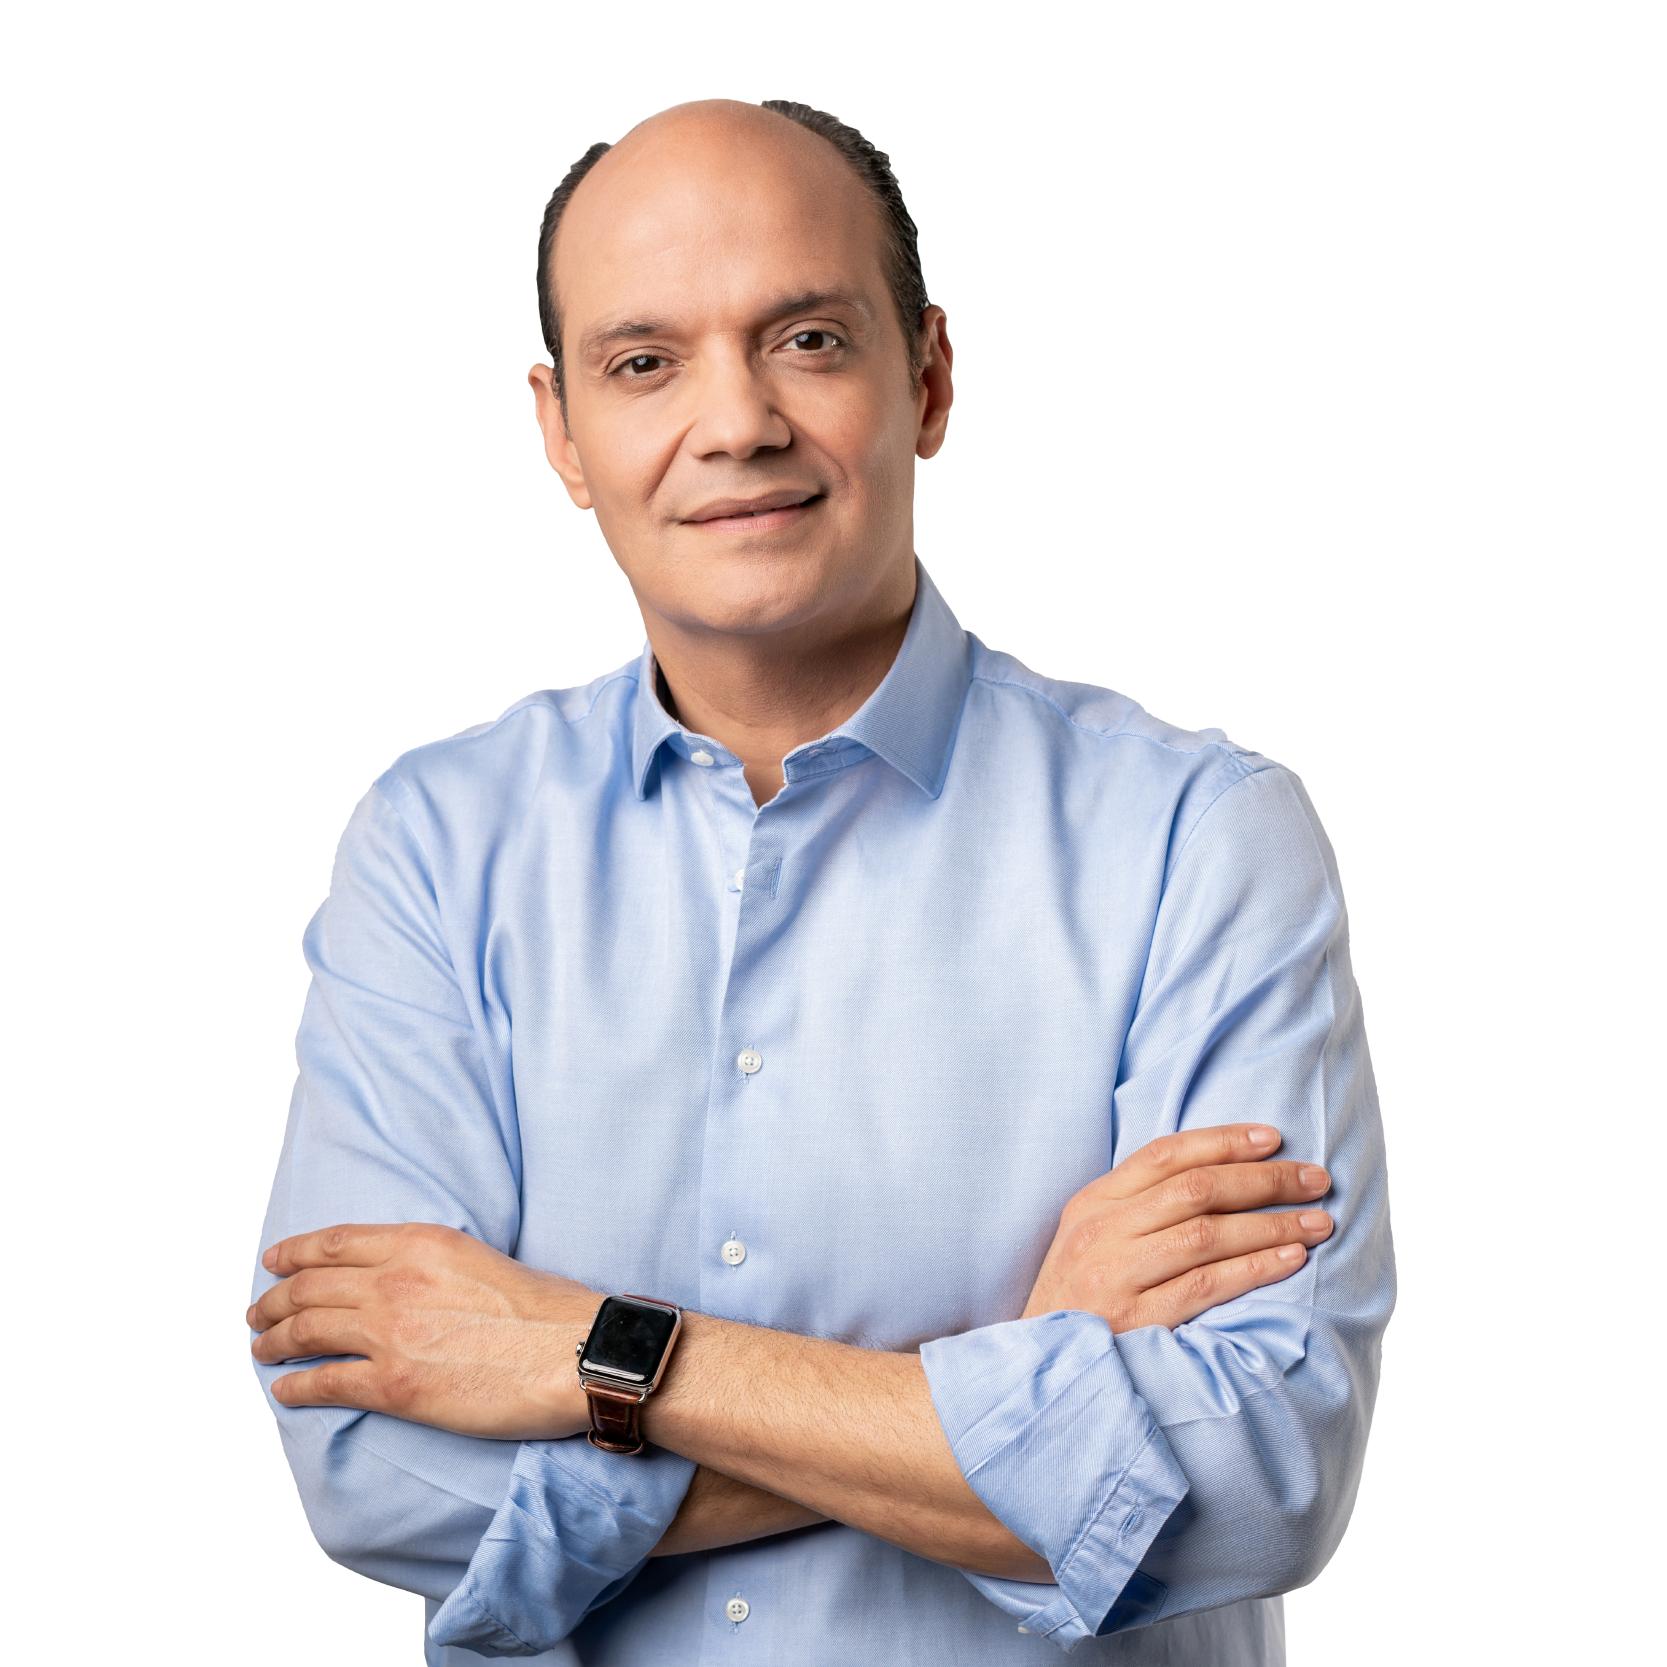 Ramfis Trujillo llama a realizar un consenso para buscar soluciones respecto al toque de queda